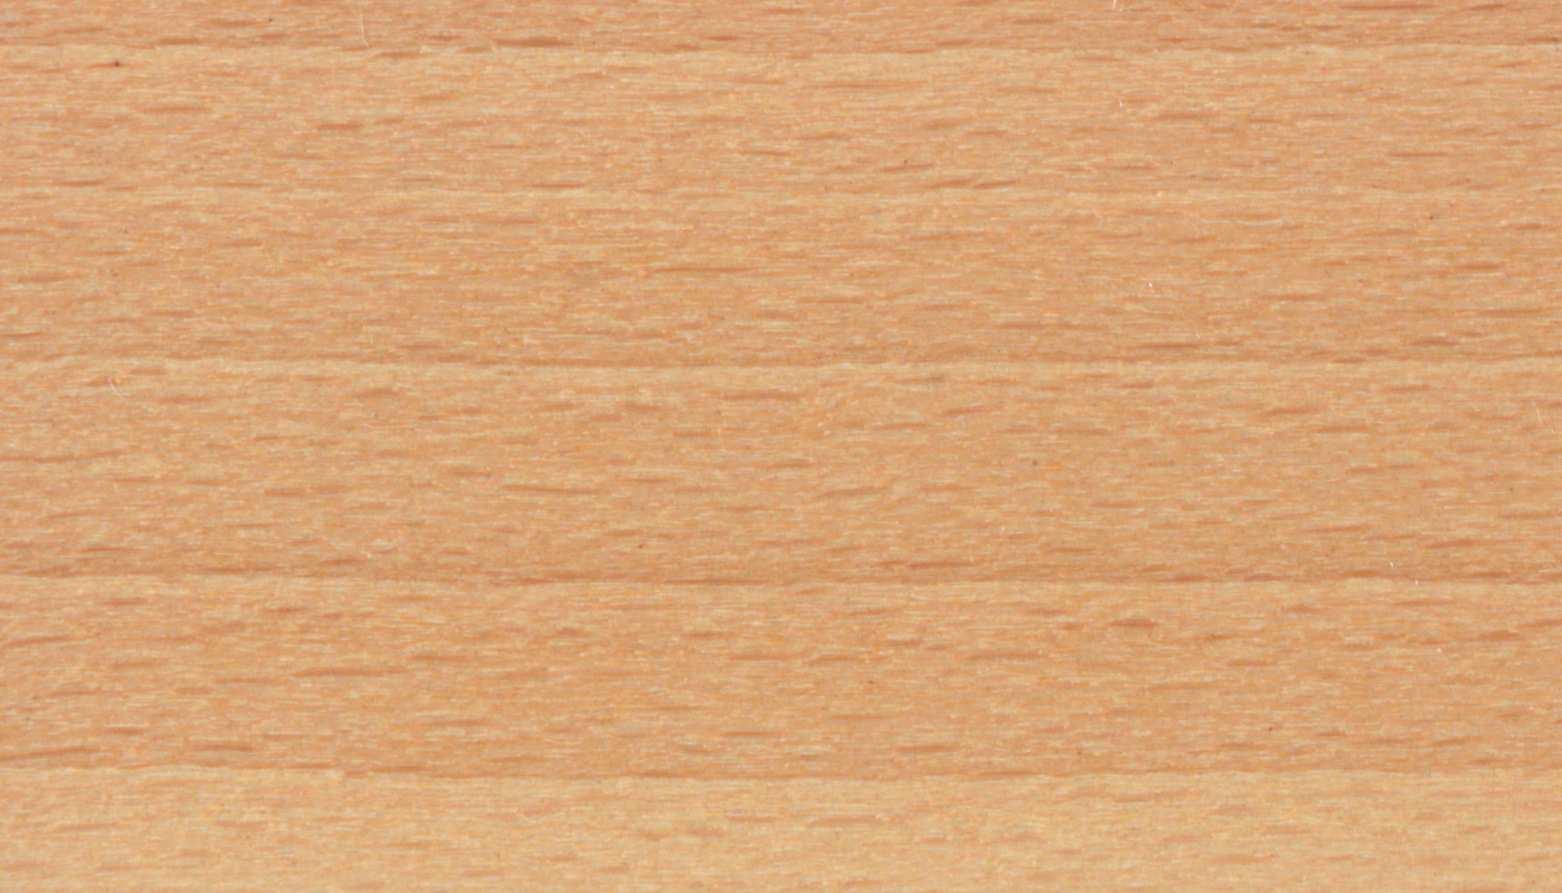 culoarea lemnului - fag natur, pentru picioare si polite laptop